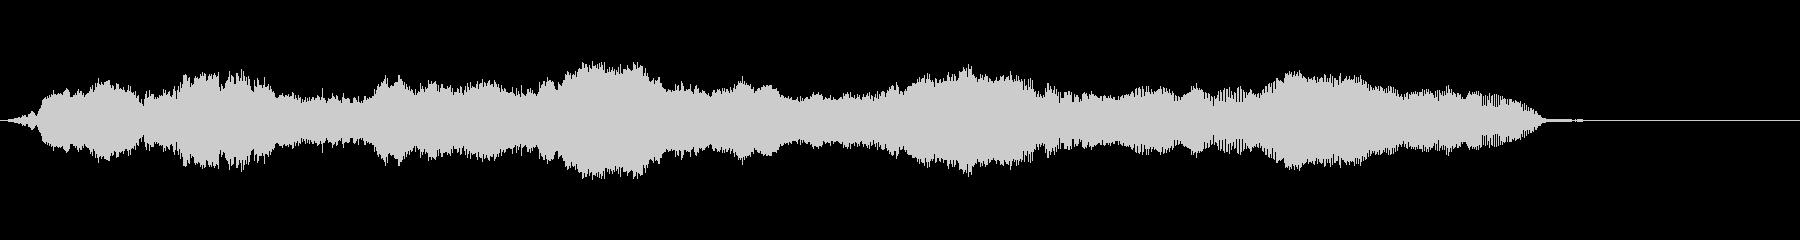 ハーディガーディ:ロングスライドダ...の未再生の波形